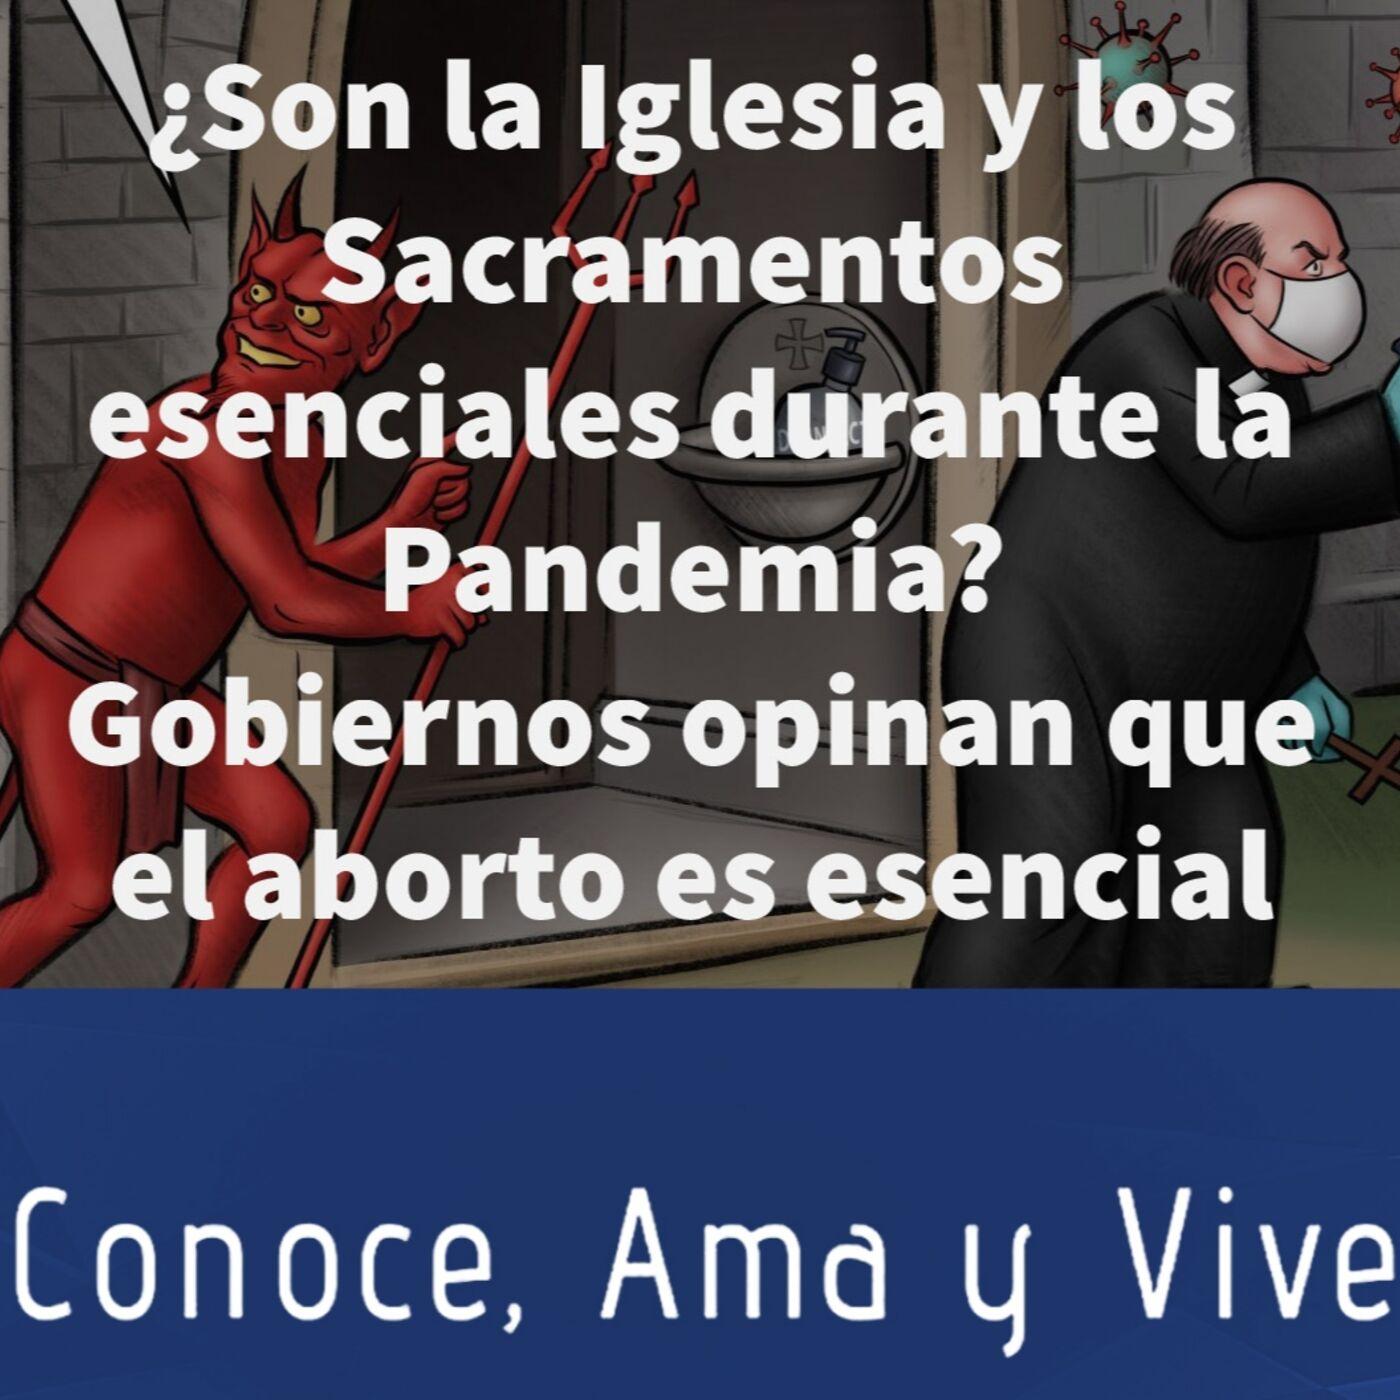 Episodio 253: 🤔 ¿Son esenciales la Iglesia y los Sacramentos? ✝️ Gobiernos opinan que el aborto es esencial 🤦♀